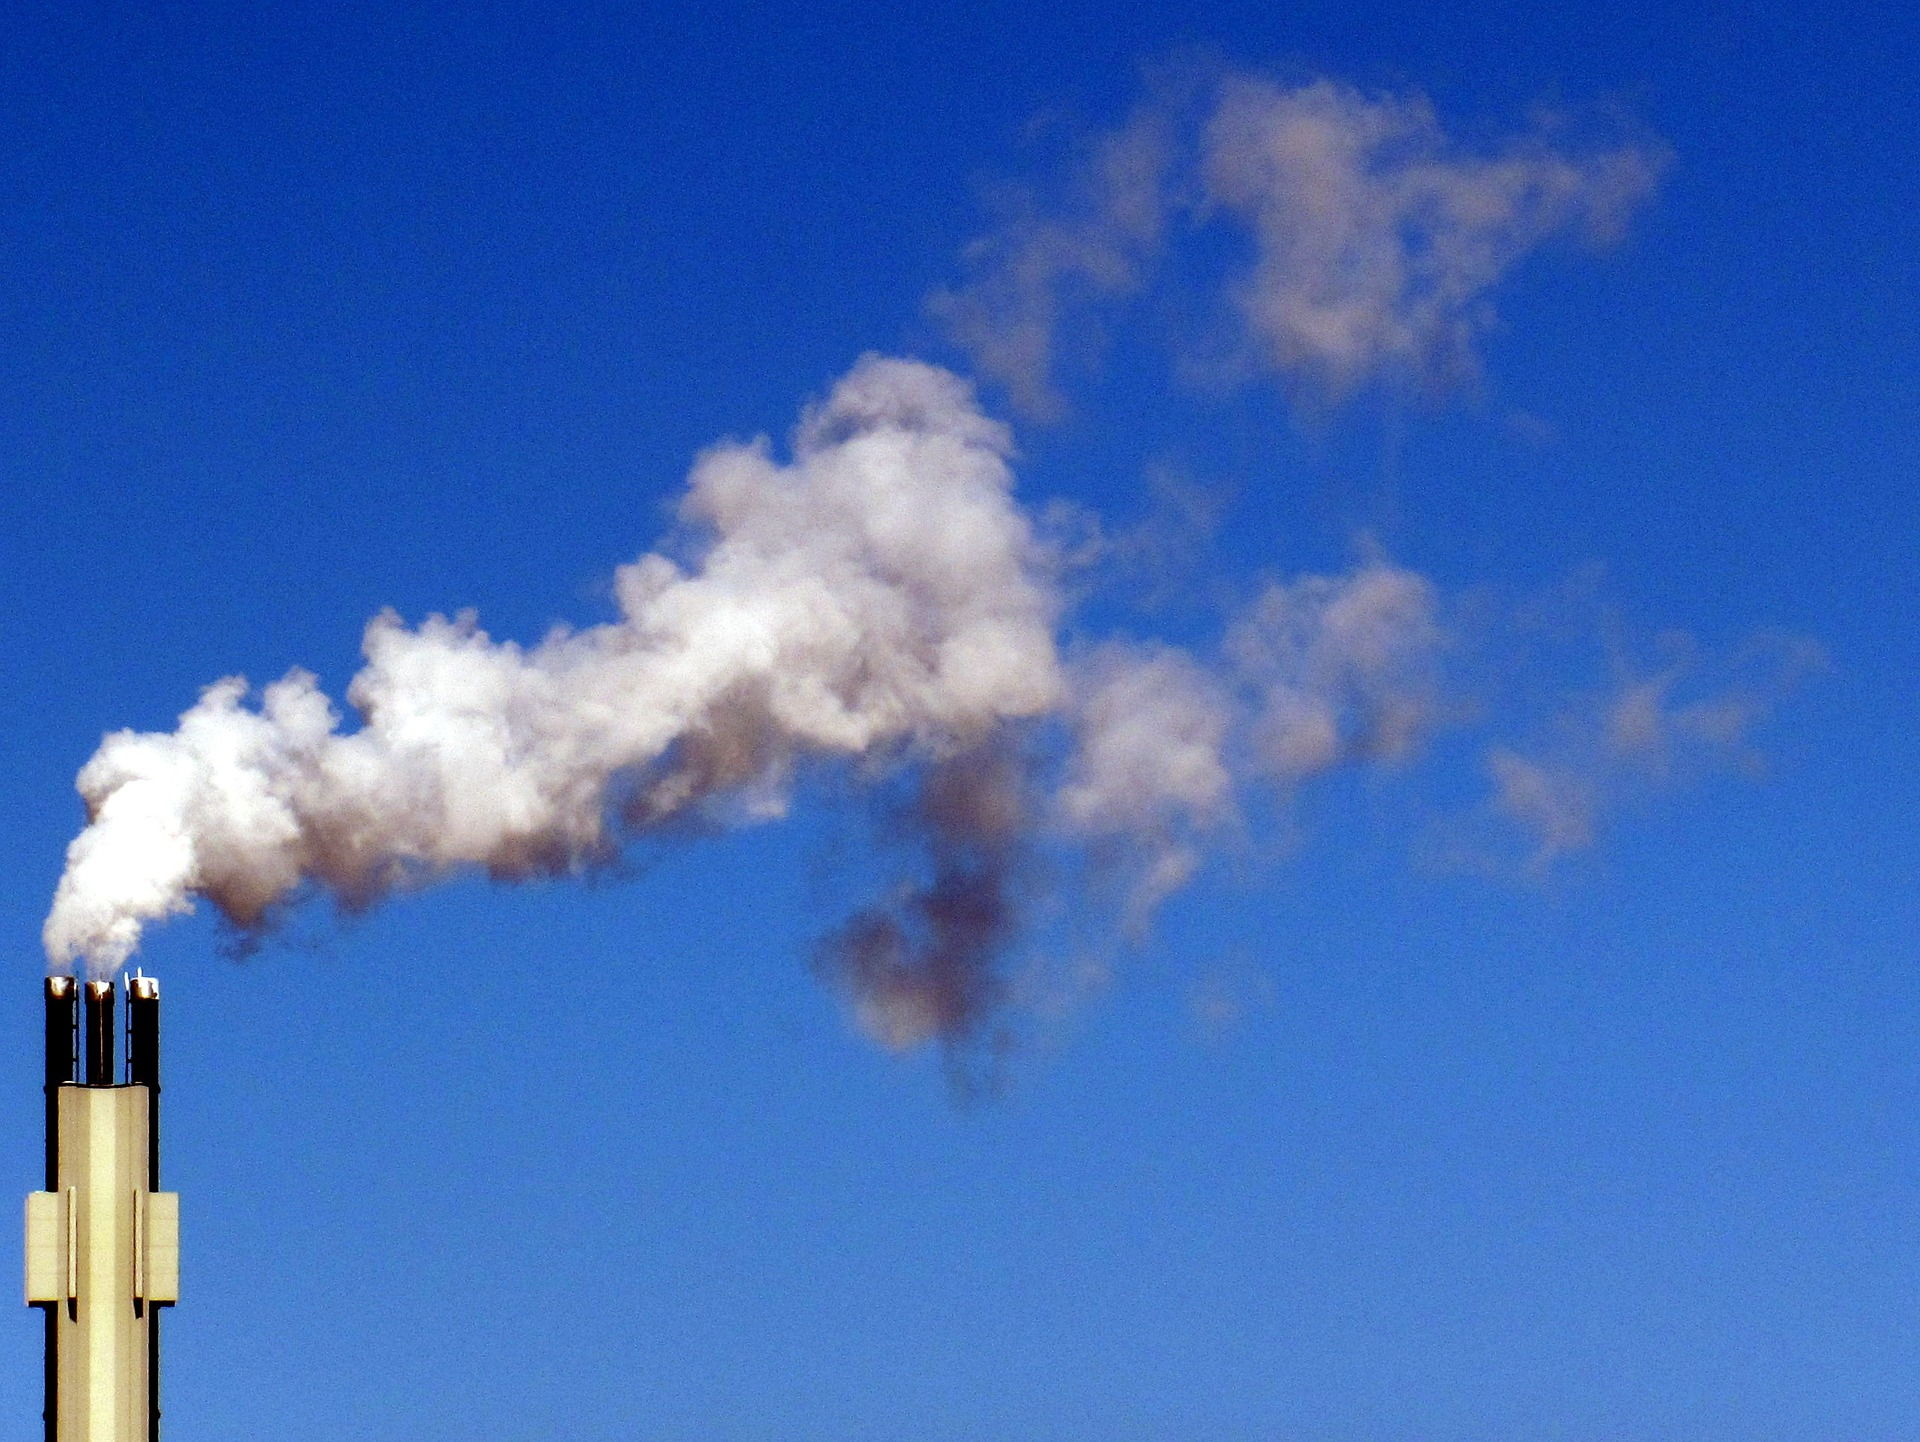 Consulta pública sobre la propuesta «Guía metodológica para la certificación de emisiones reducidas»